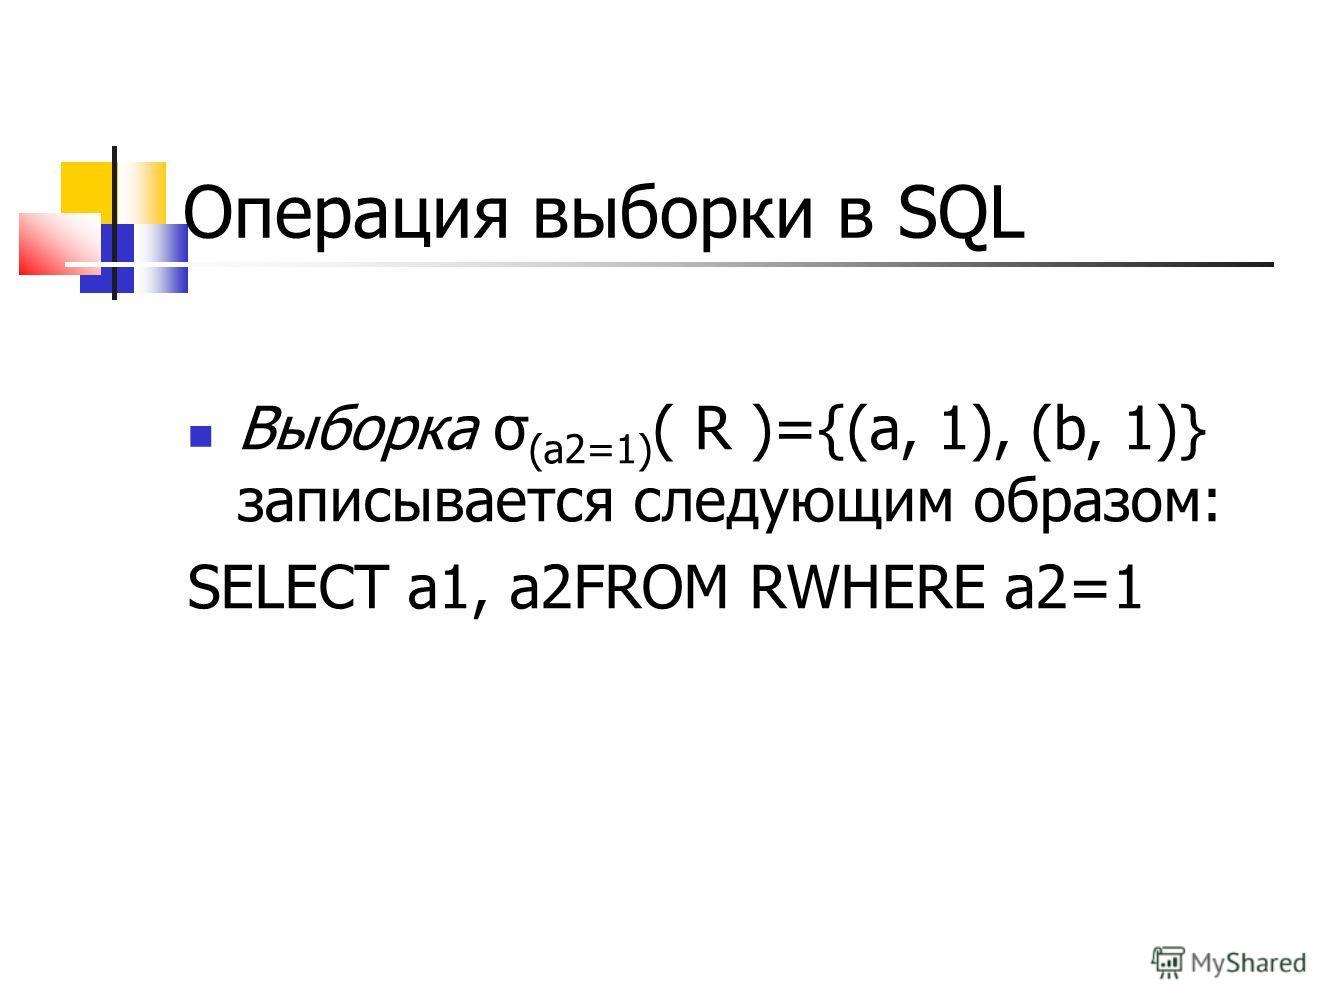 Операция выборки в SQL Выборка σ (a2=1) ( R )={(a, 1), (b, 1)} записывается следующим образом: SELECT a1, a2FROM RWHERE a2=1